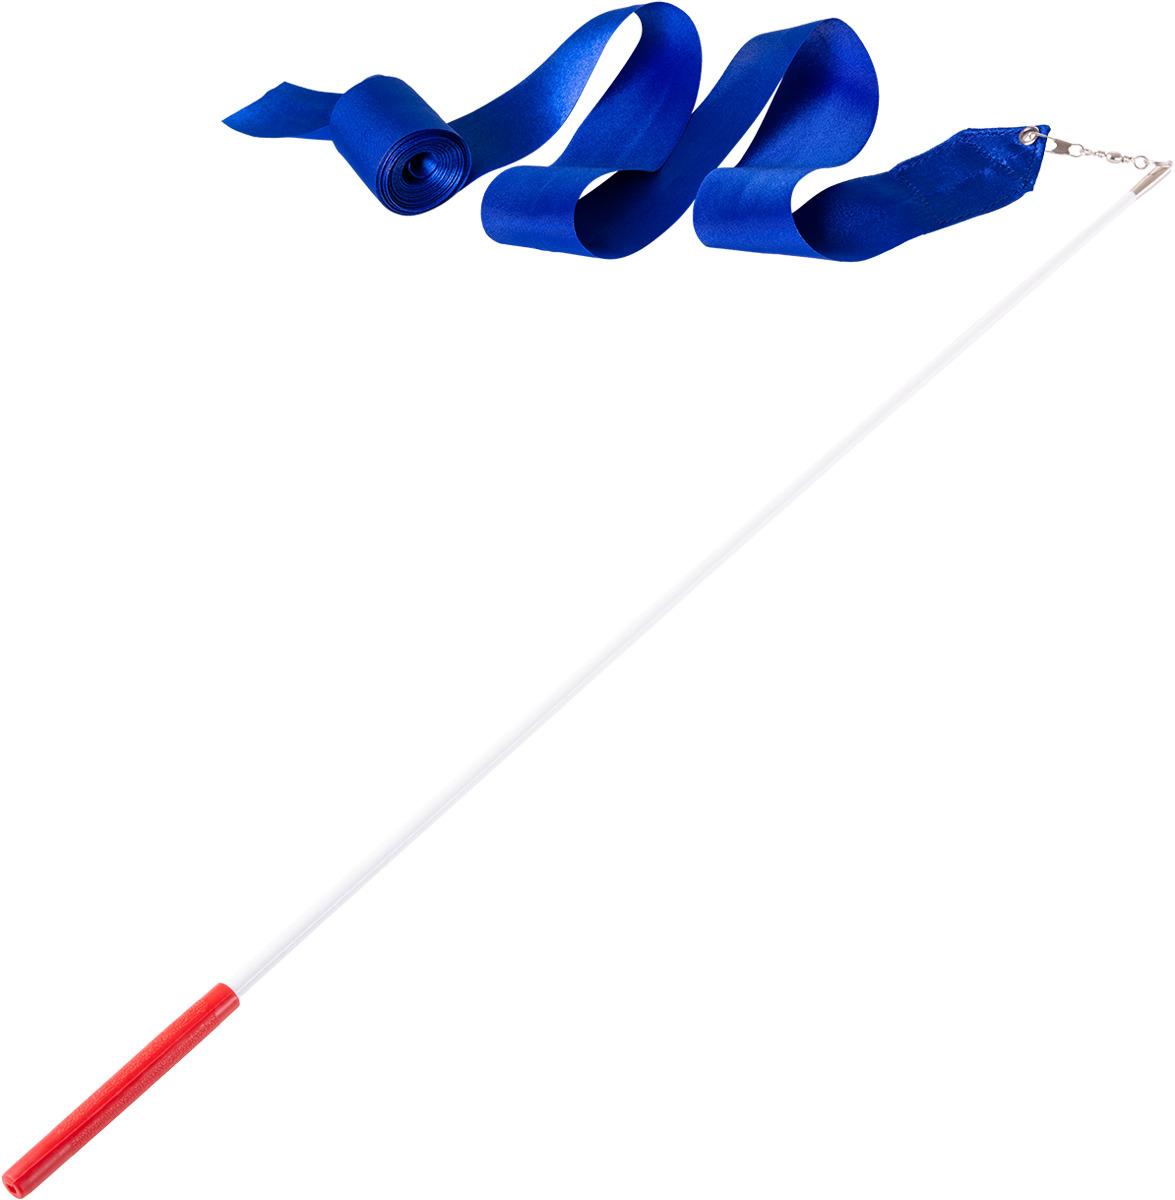 Лента для художественной гимнастики Amely AGR-201, длина 6 м, с палочкой 56 см, цвет: синий лонгслив для гимнастики малыши